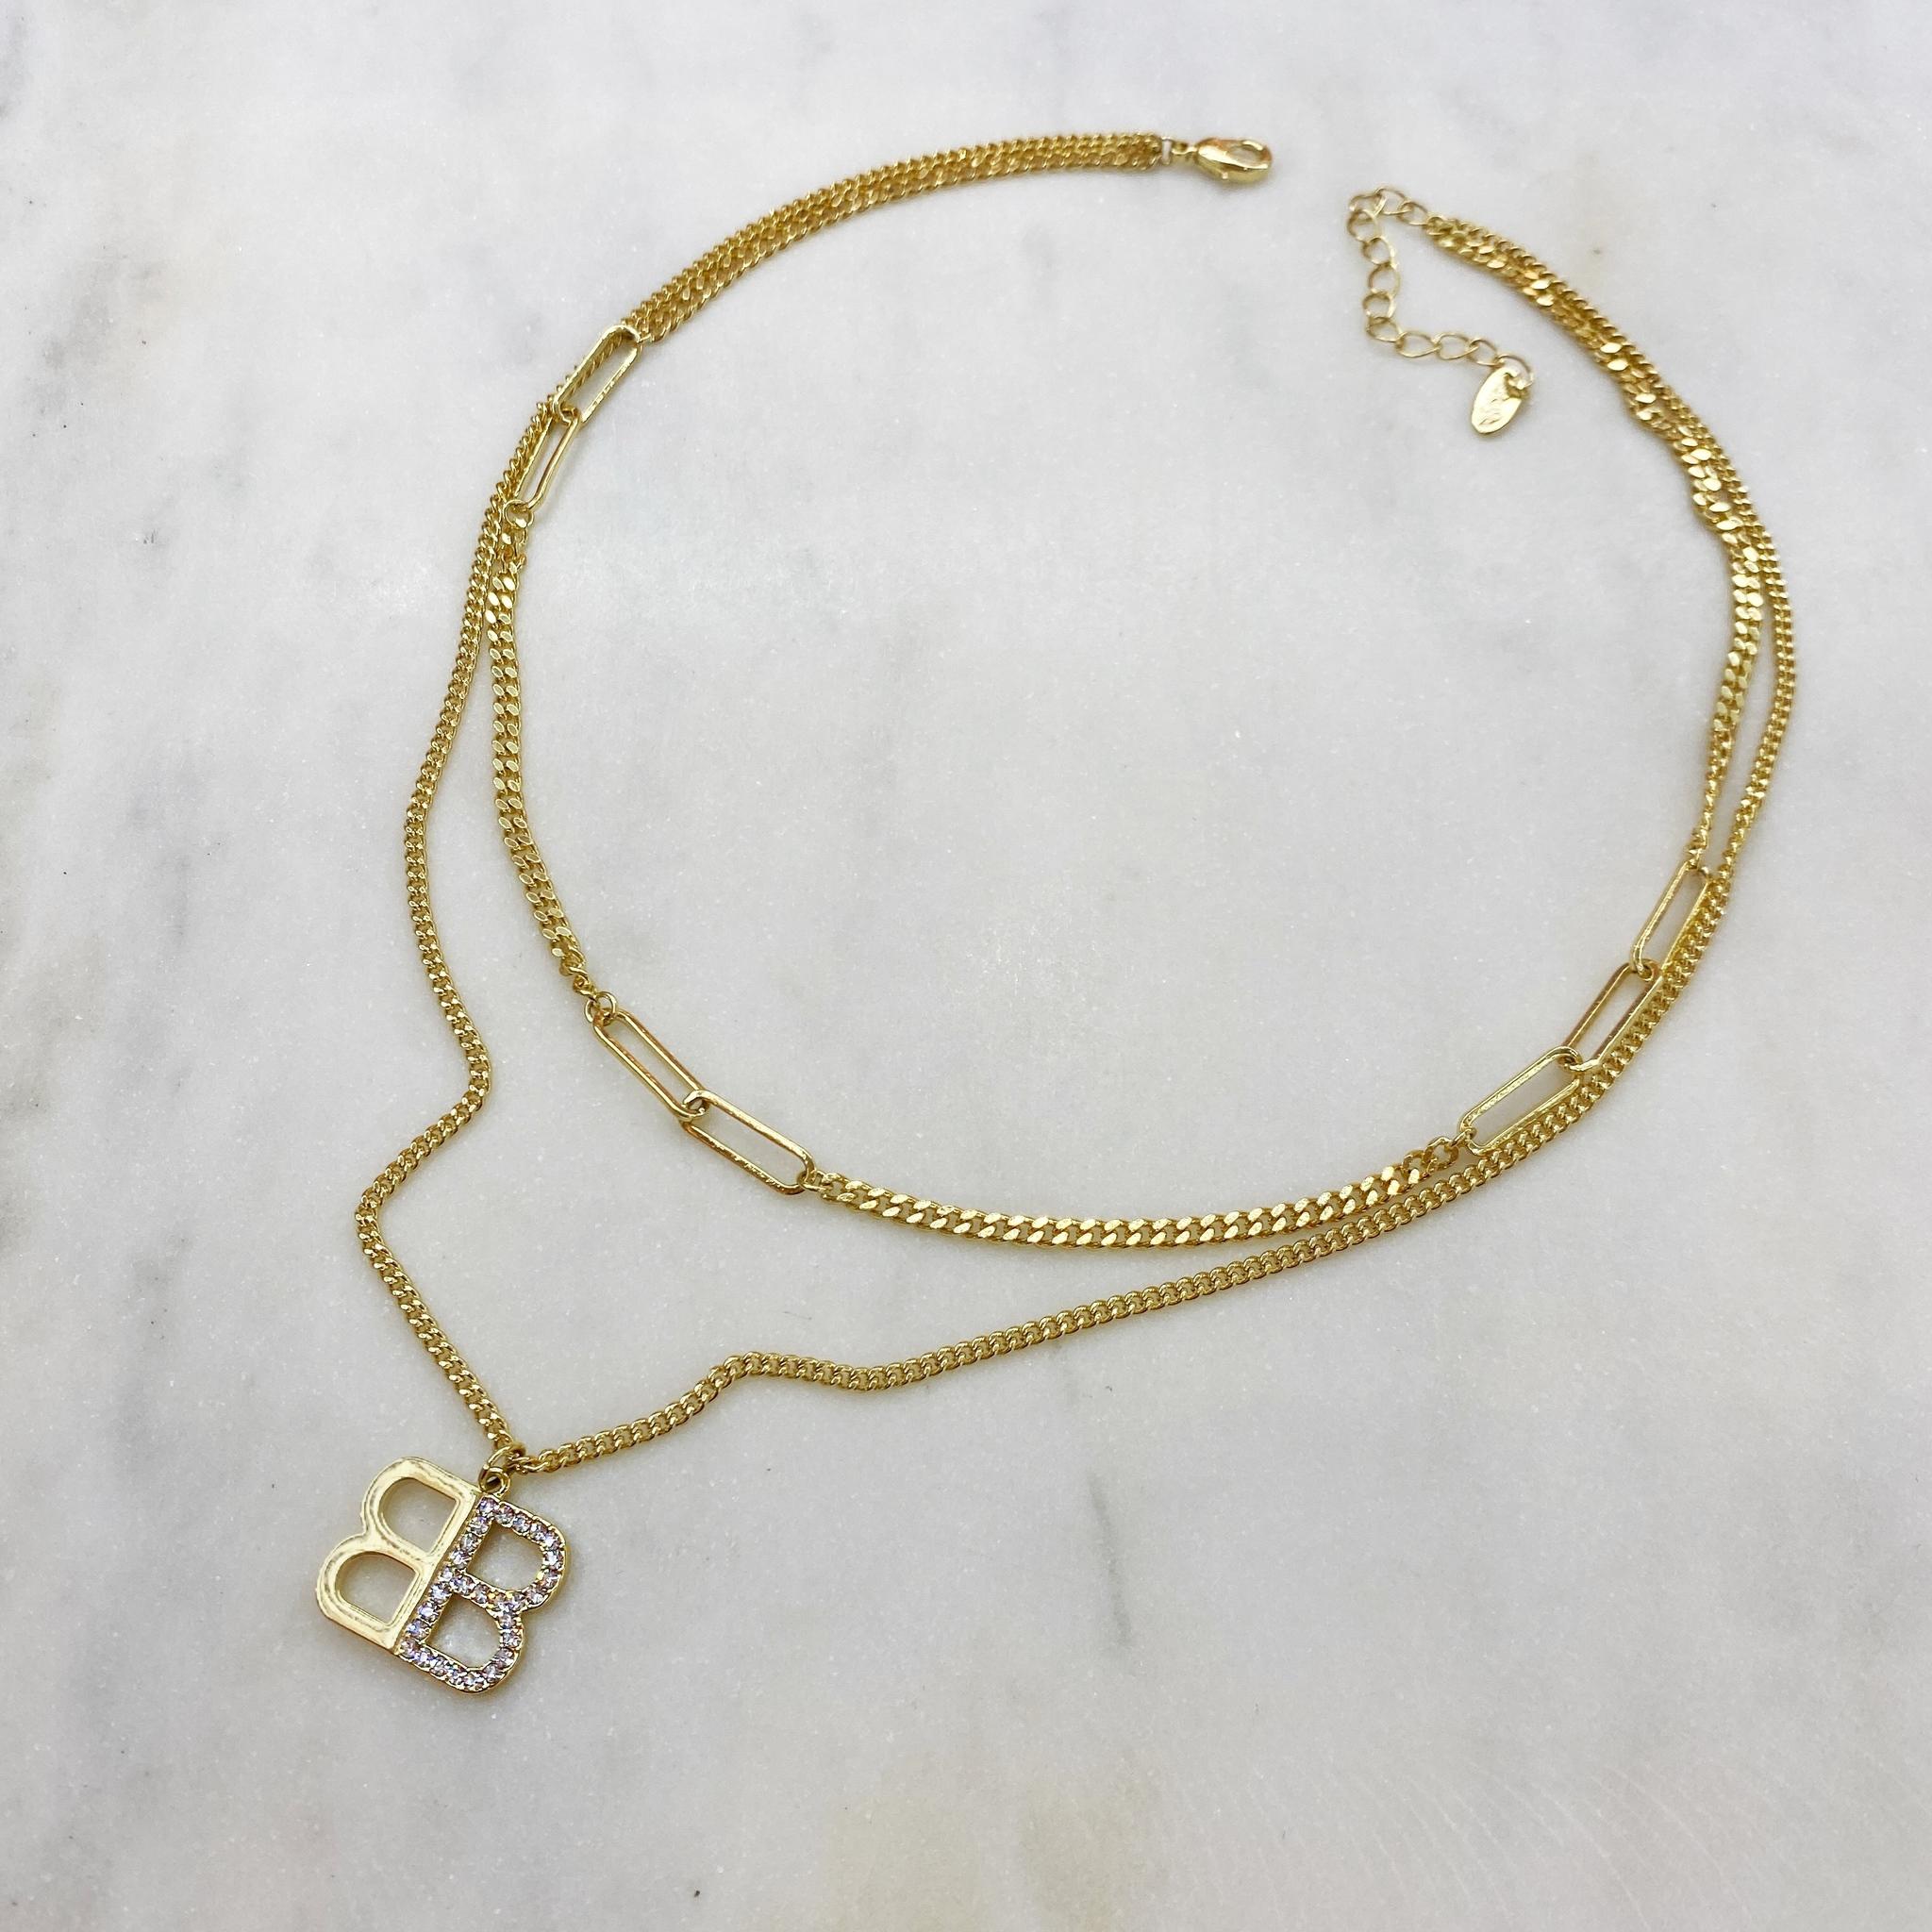 Колье-цепь двурядное с двойной буквой B 40-50 см (золотистый)